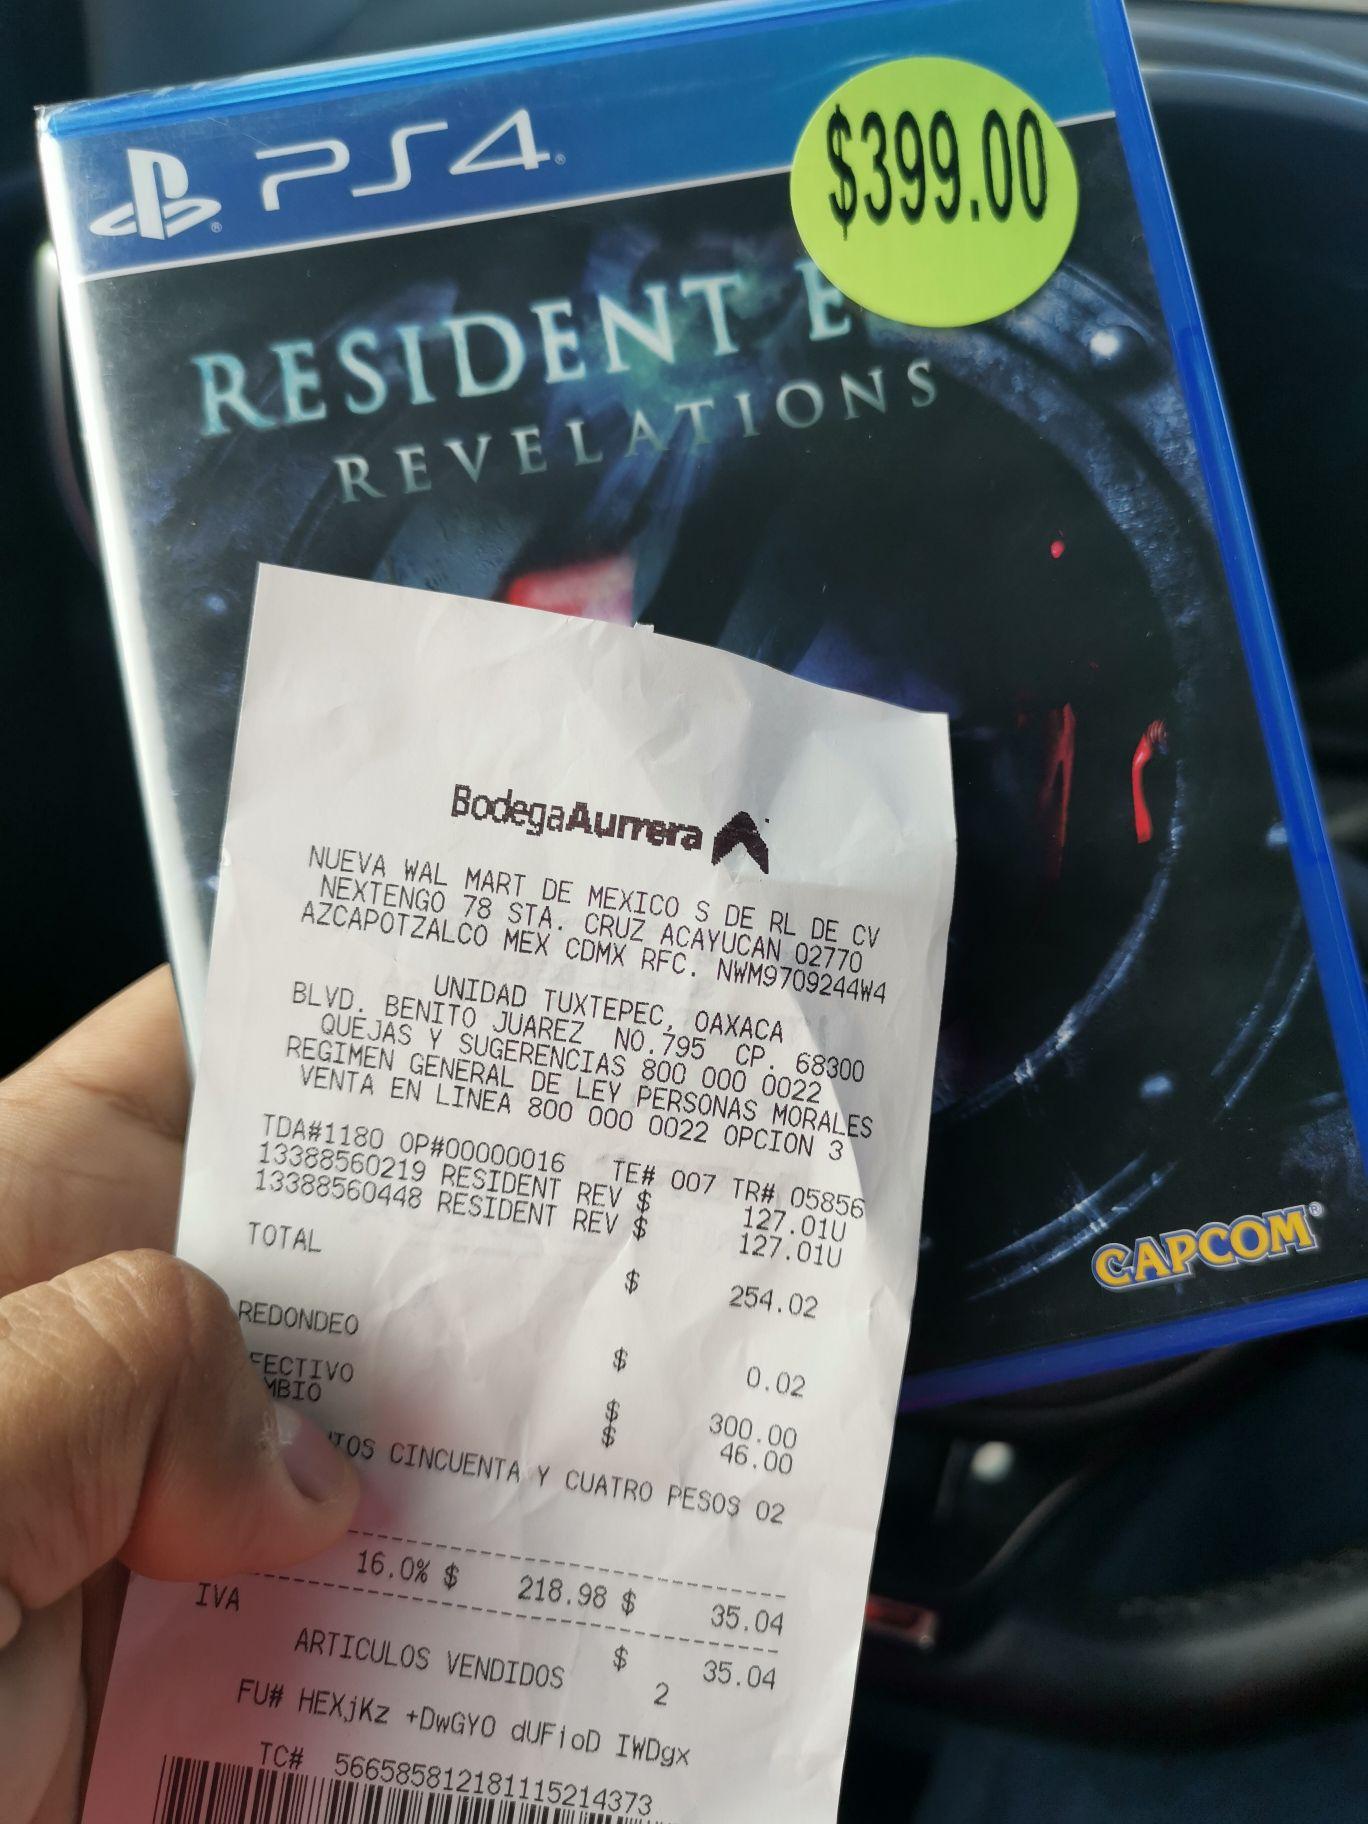 Bodega Aurrera: Resident Evil Revelations 1 PS4